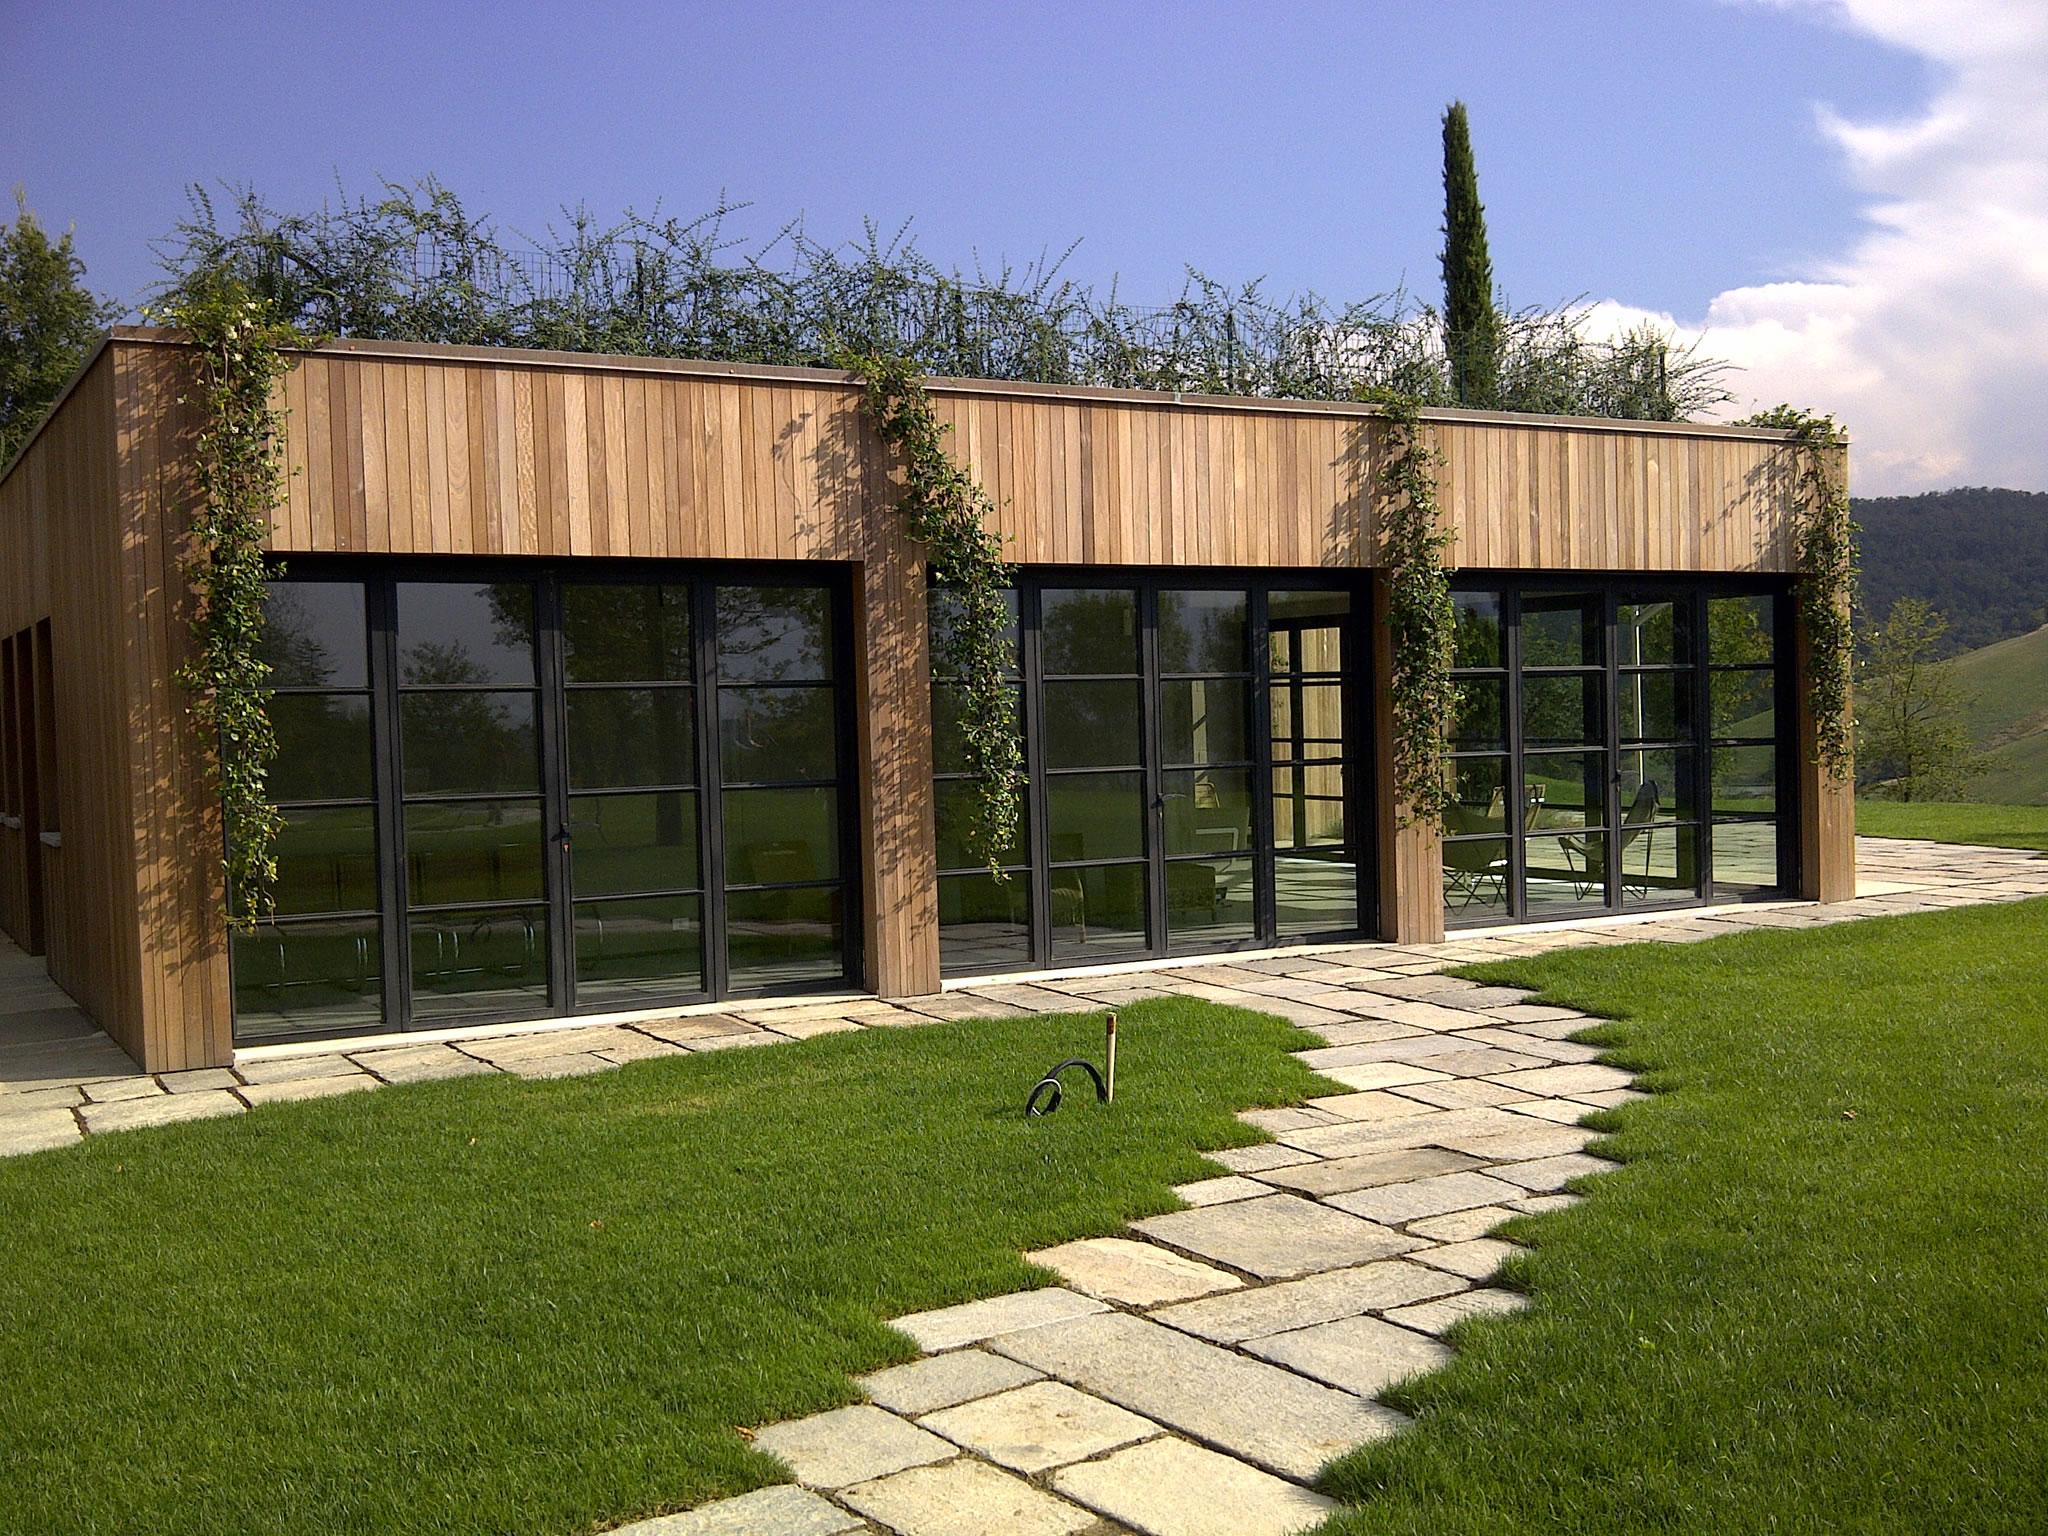 Rivestimento Casa In Legno : Pavimenti e rivestimenti in legno pavimenti e scale in legno per